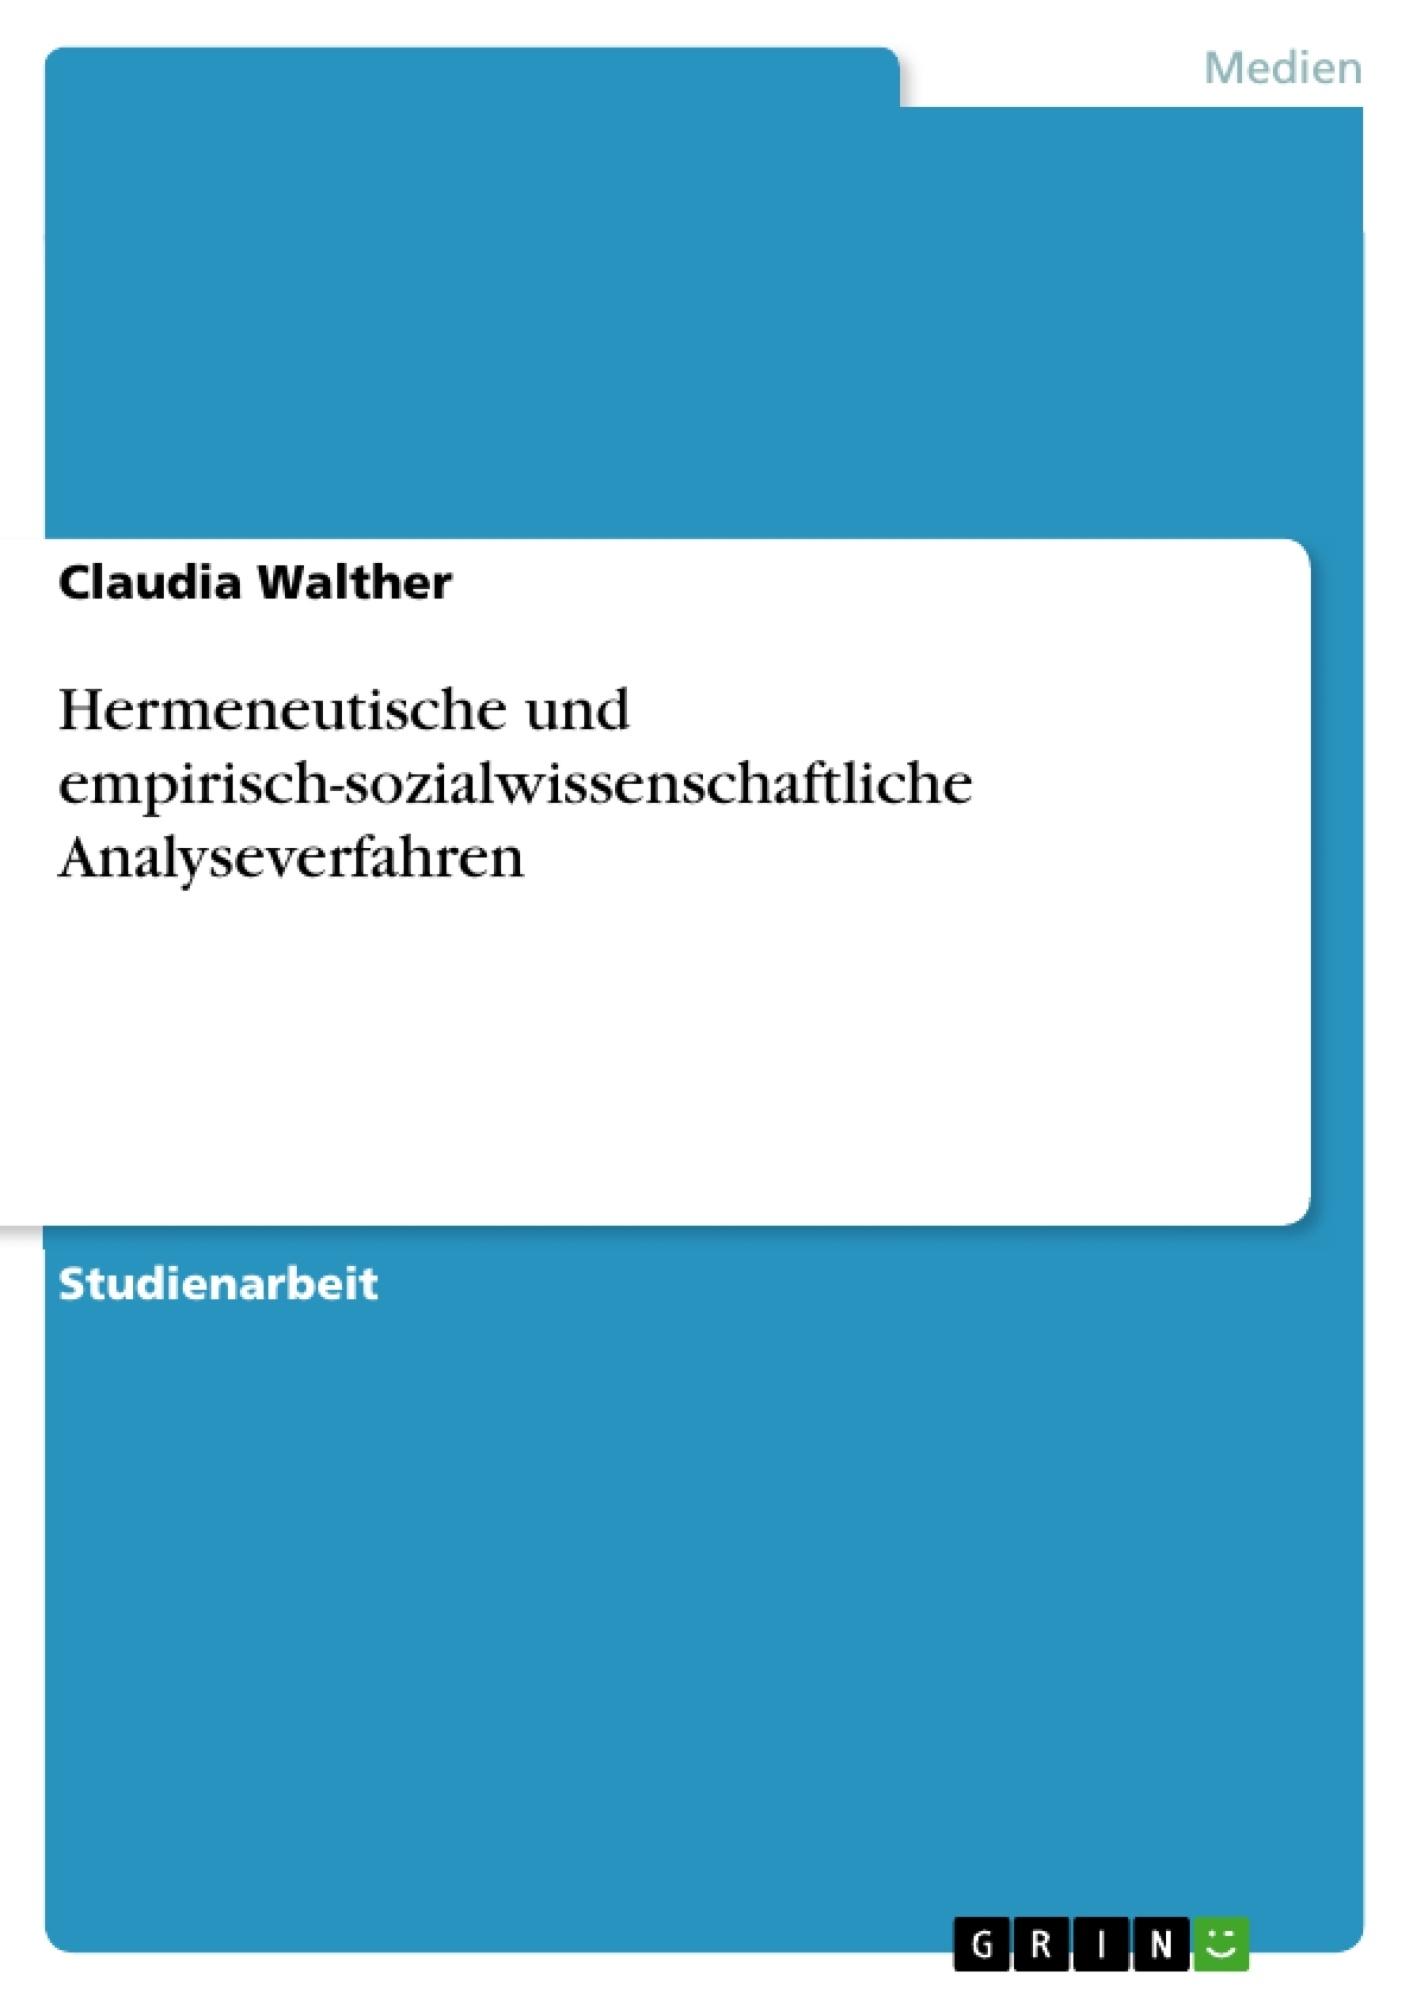 Titel: Hermeneutische und empirisch-sozialwissenschaftliche Analyseverfahren